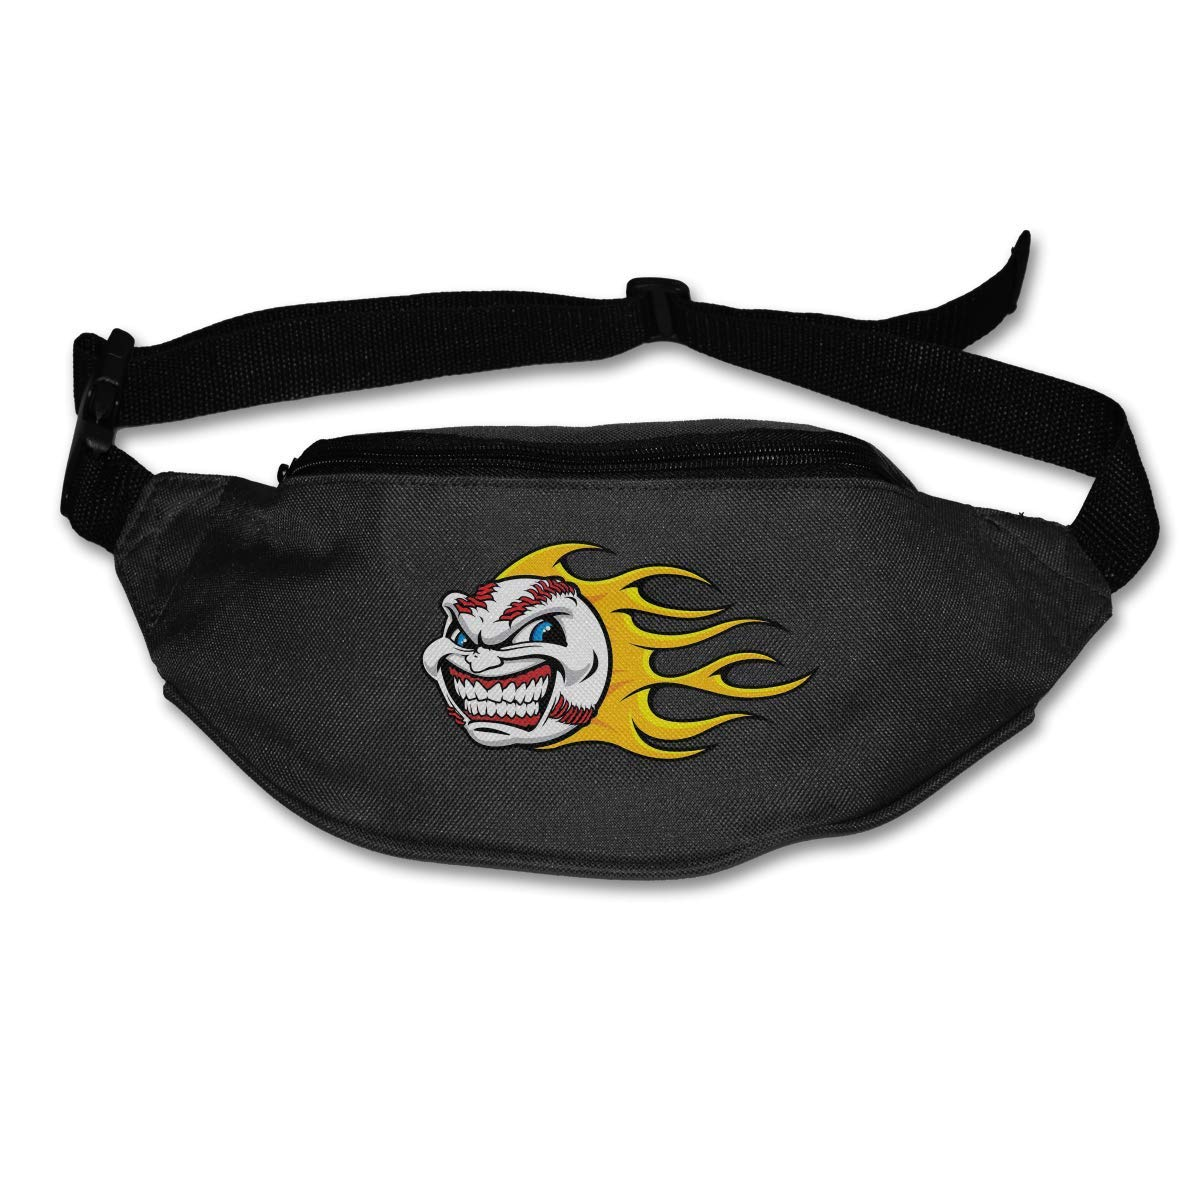 Waist Purse Cartoon Fireball Softball Pattern Unisex Outdoor Sports Pouch Fitness Runners Waist Bags